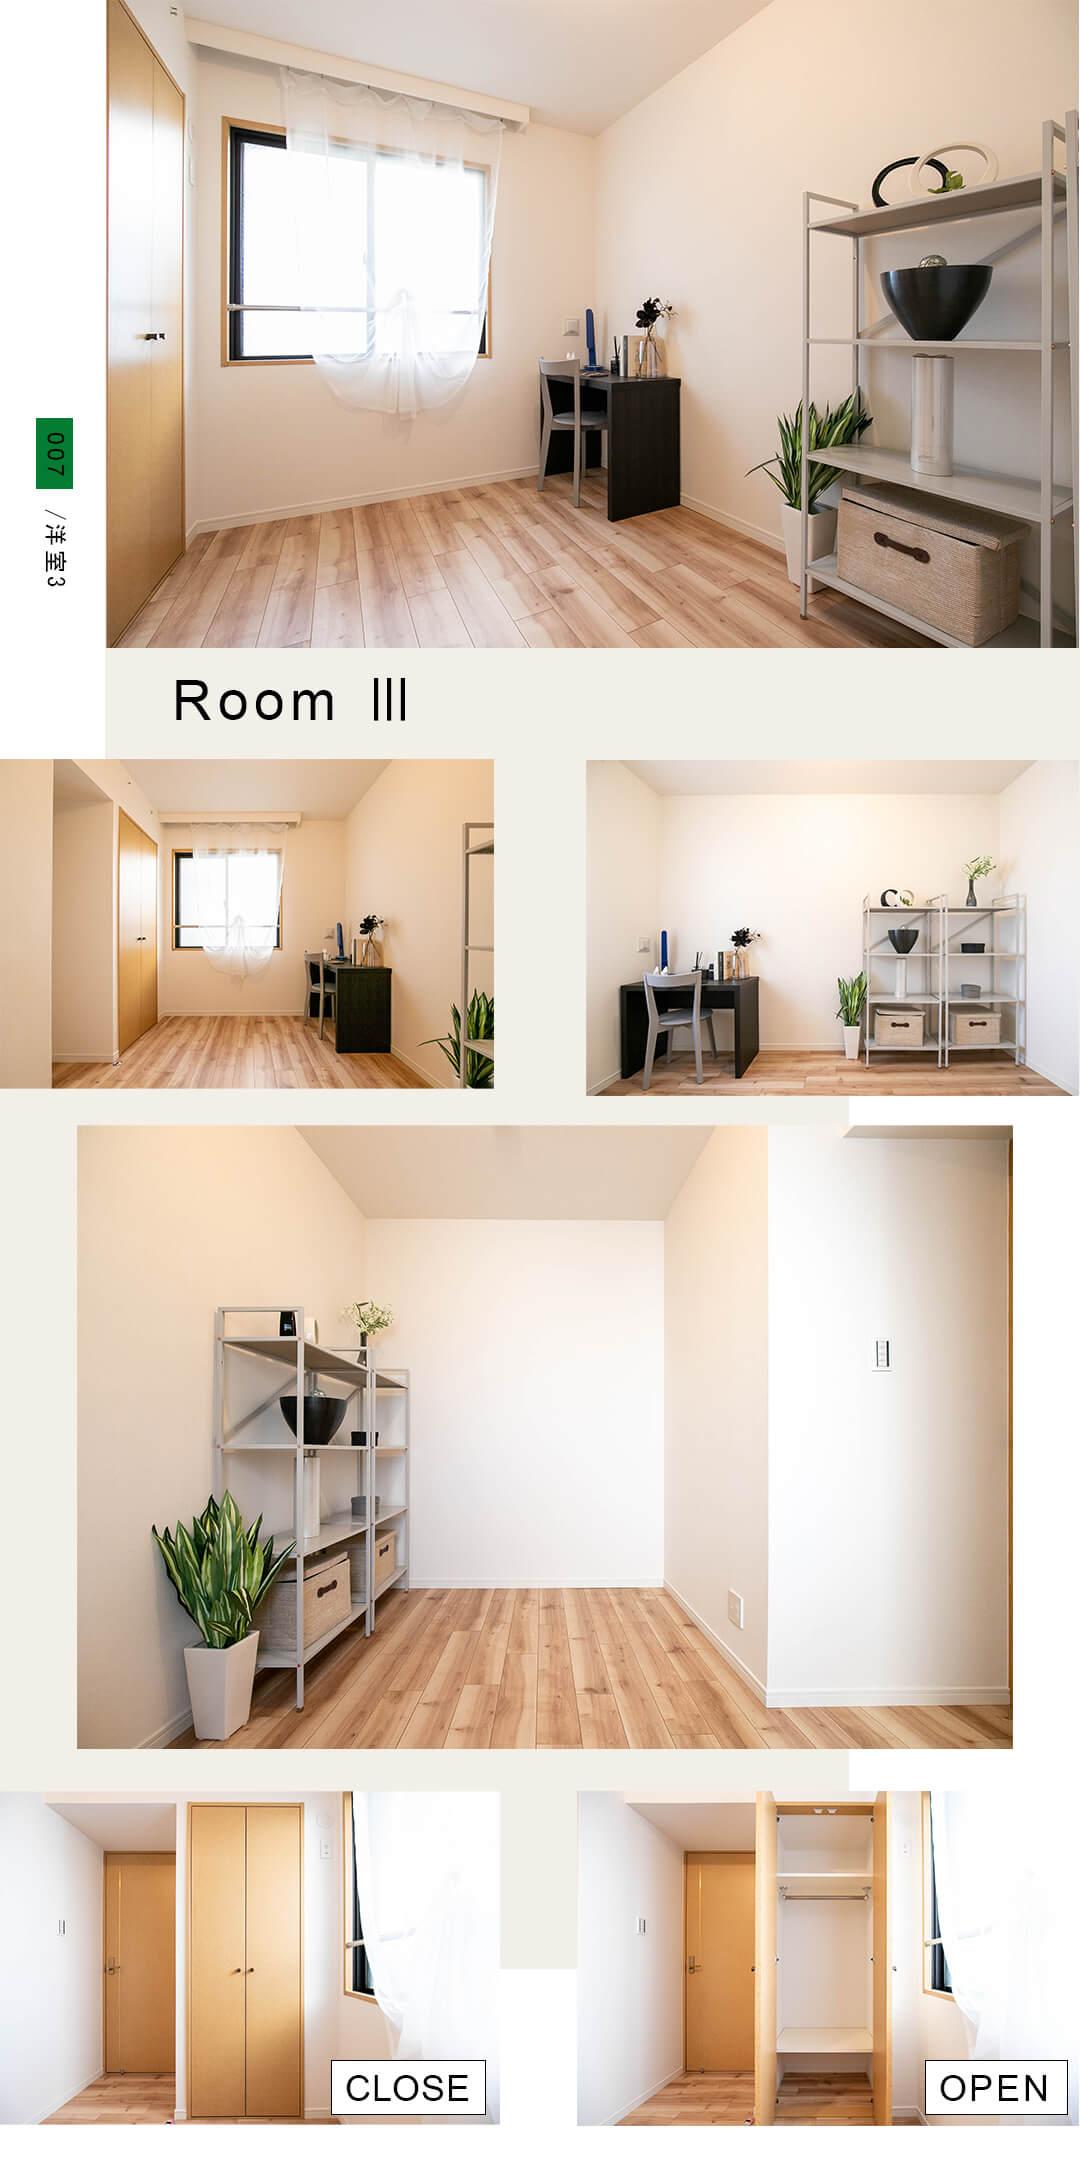 07洋室3,Room Ⅲ